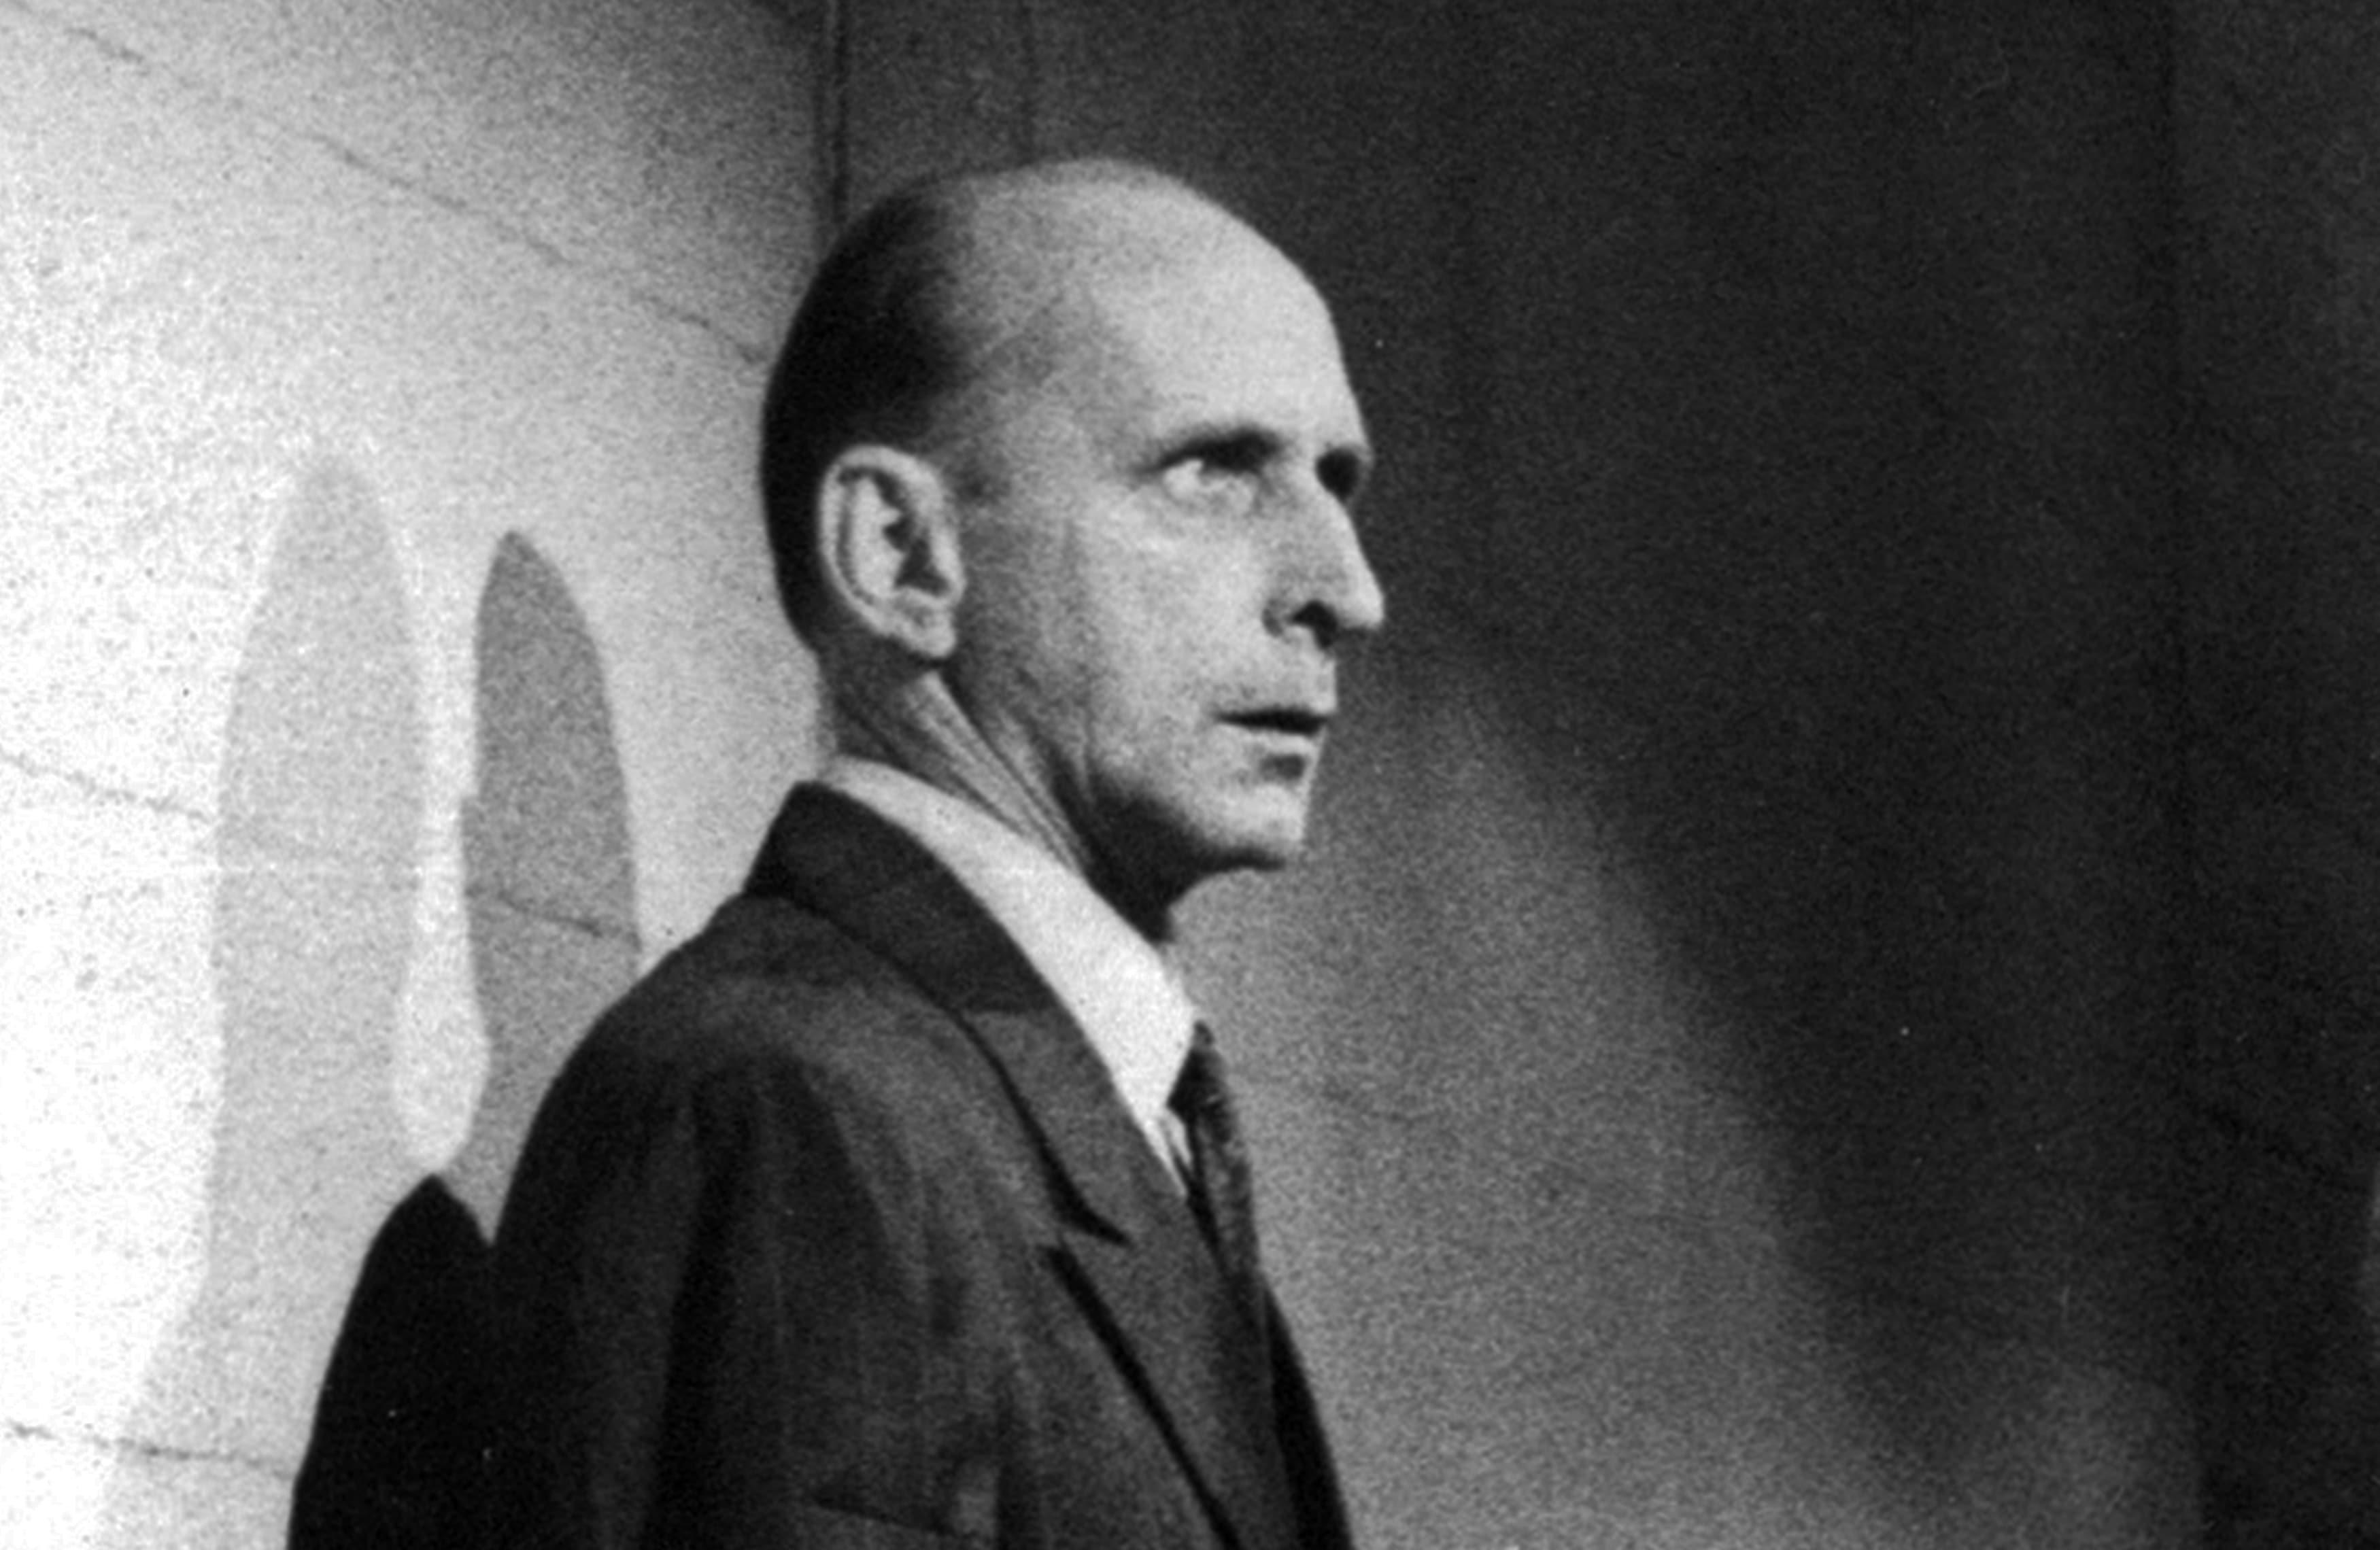 Philip Coolidge